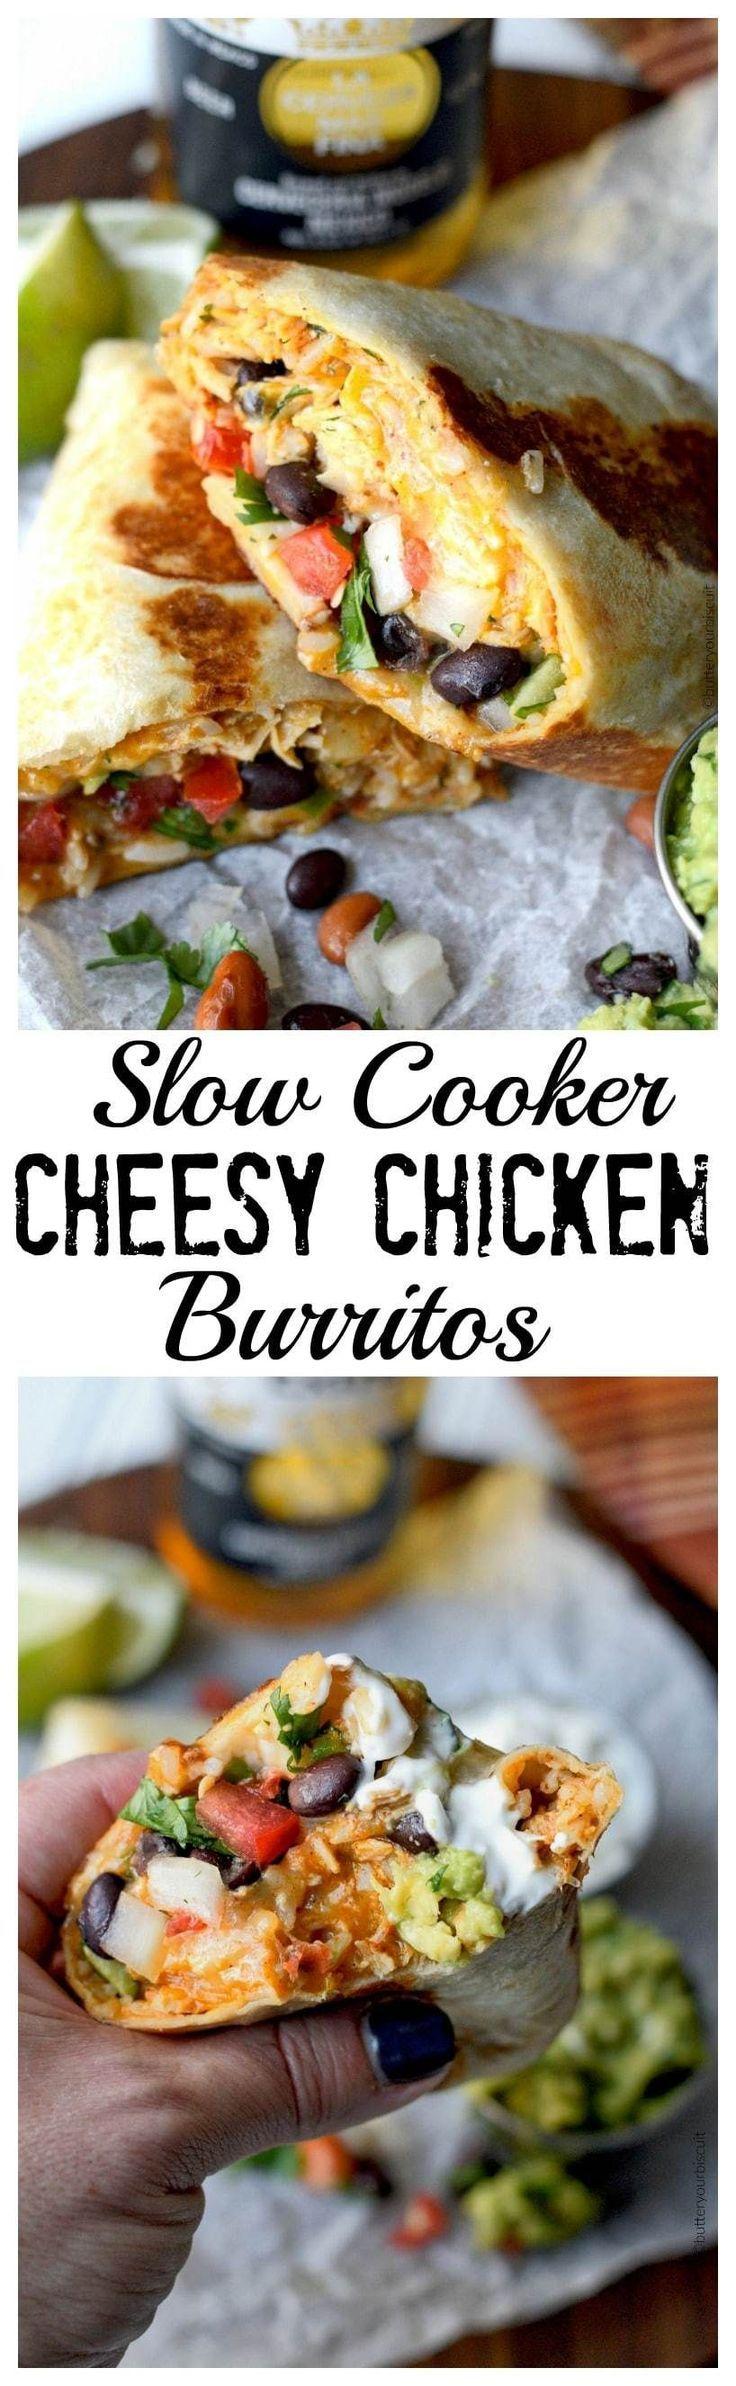 Slow Cooker Cheesy Chicken Burrito -